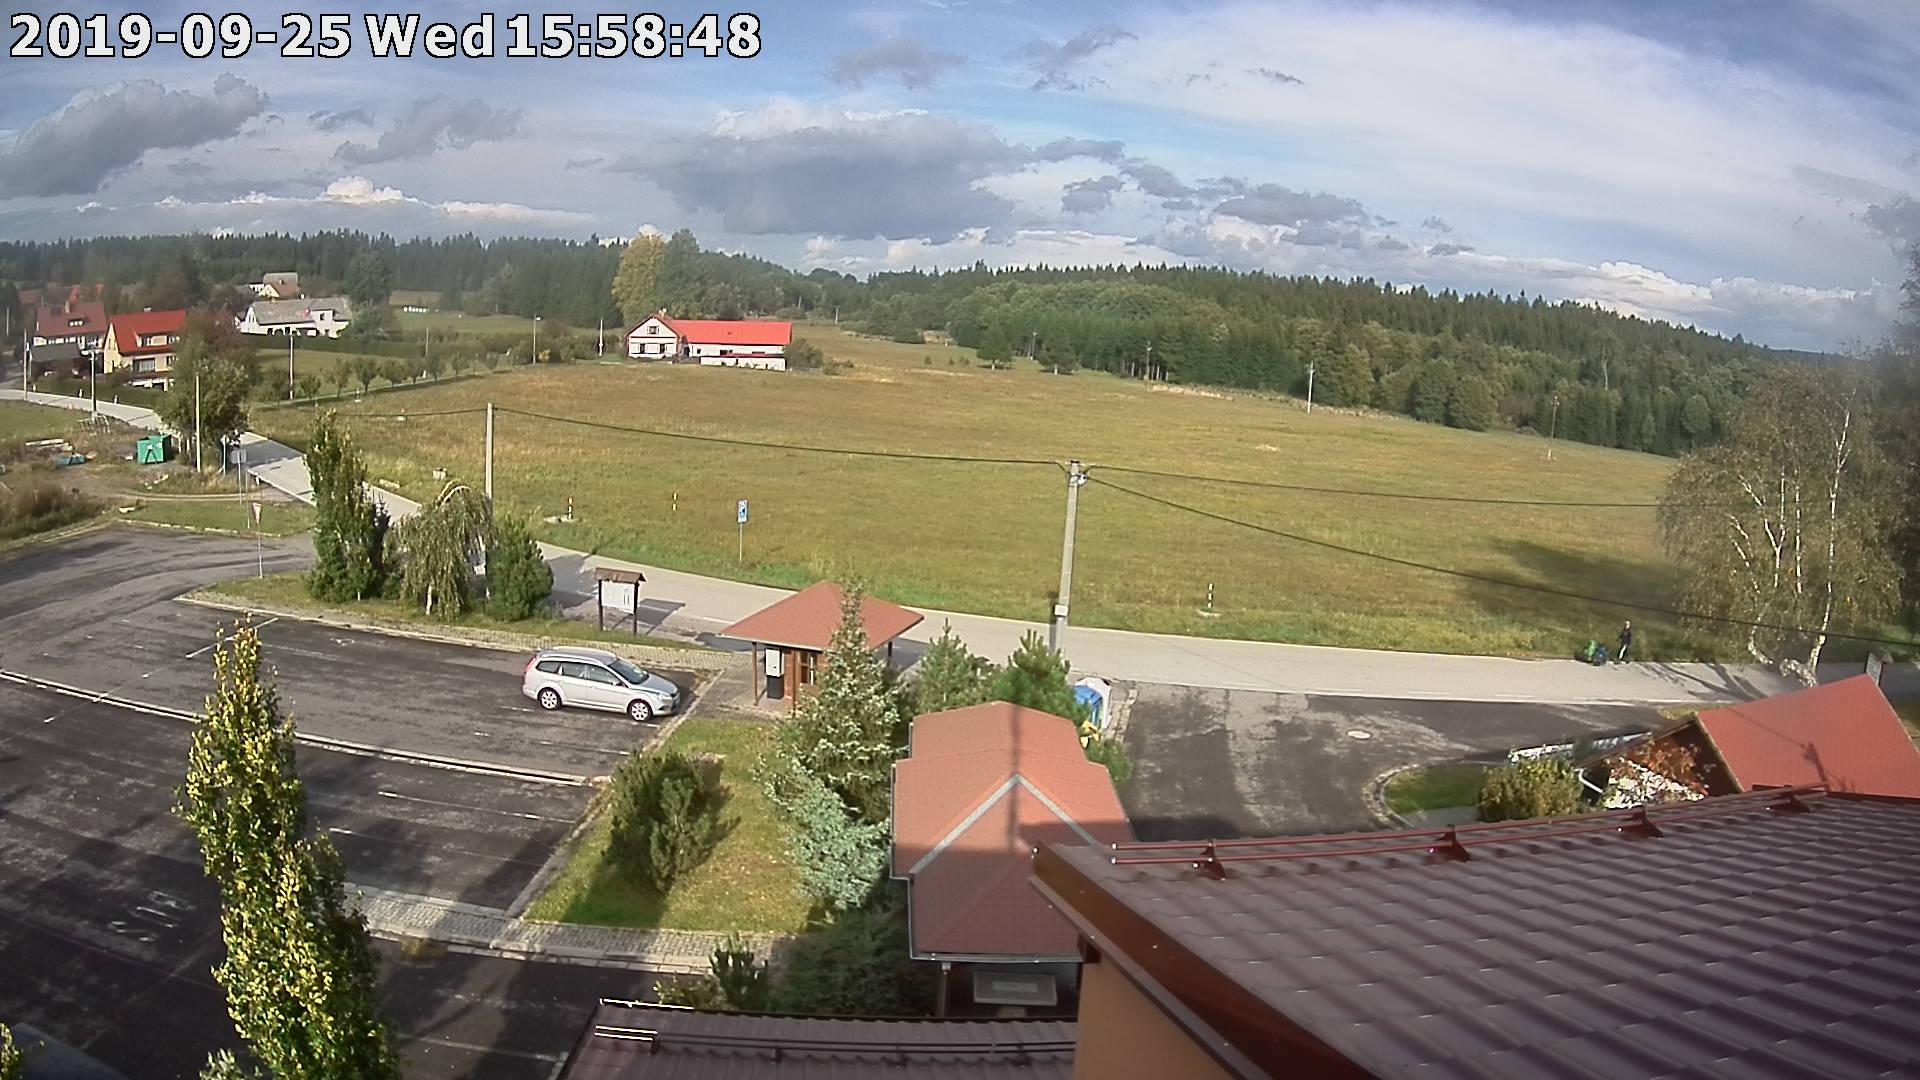 Webkamera ze dne 2019-09-25